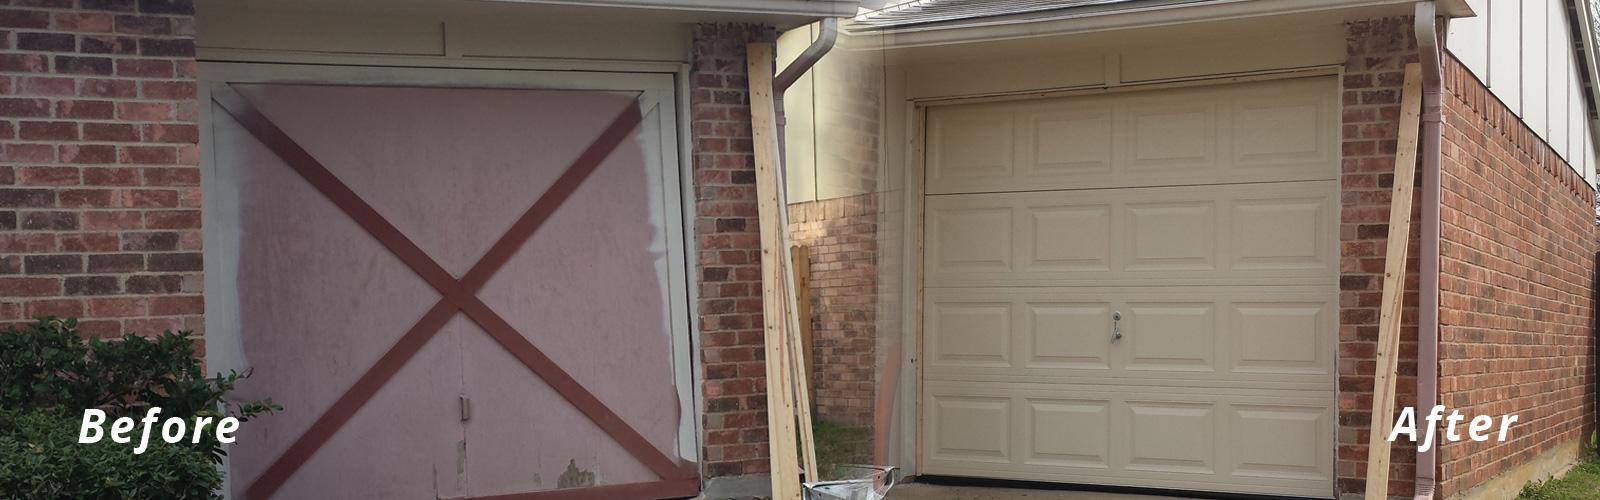 B & W Garage Doors   Fort Worth TX Garage Door Sales & Service   817-235-3263